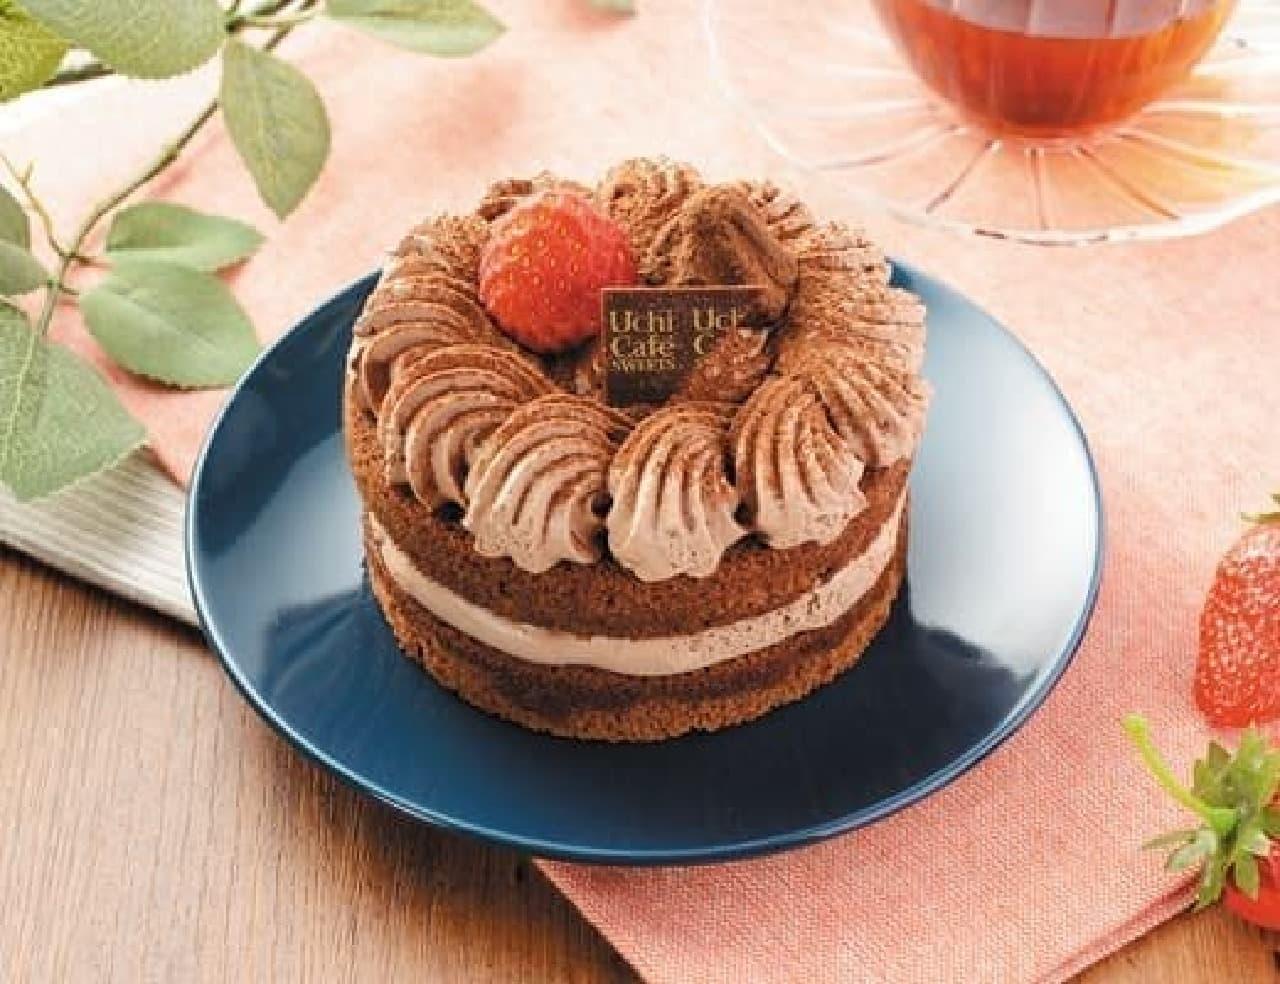 ローソン「苺のミニホールチョコケーキ」